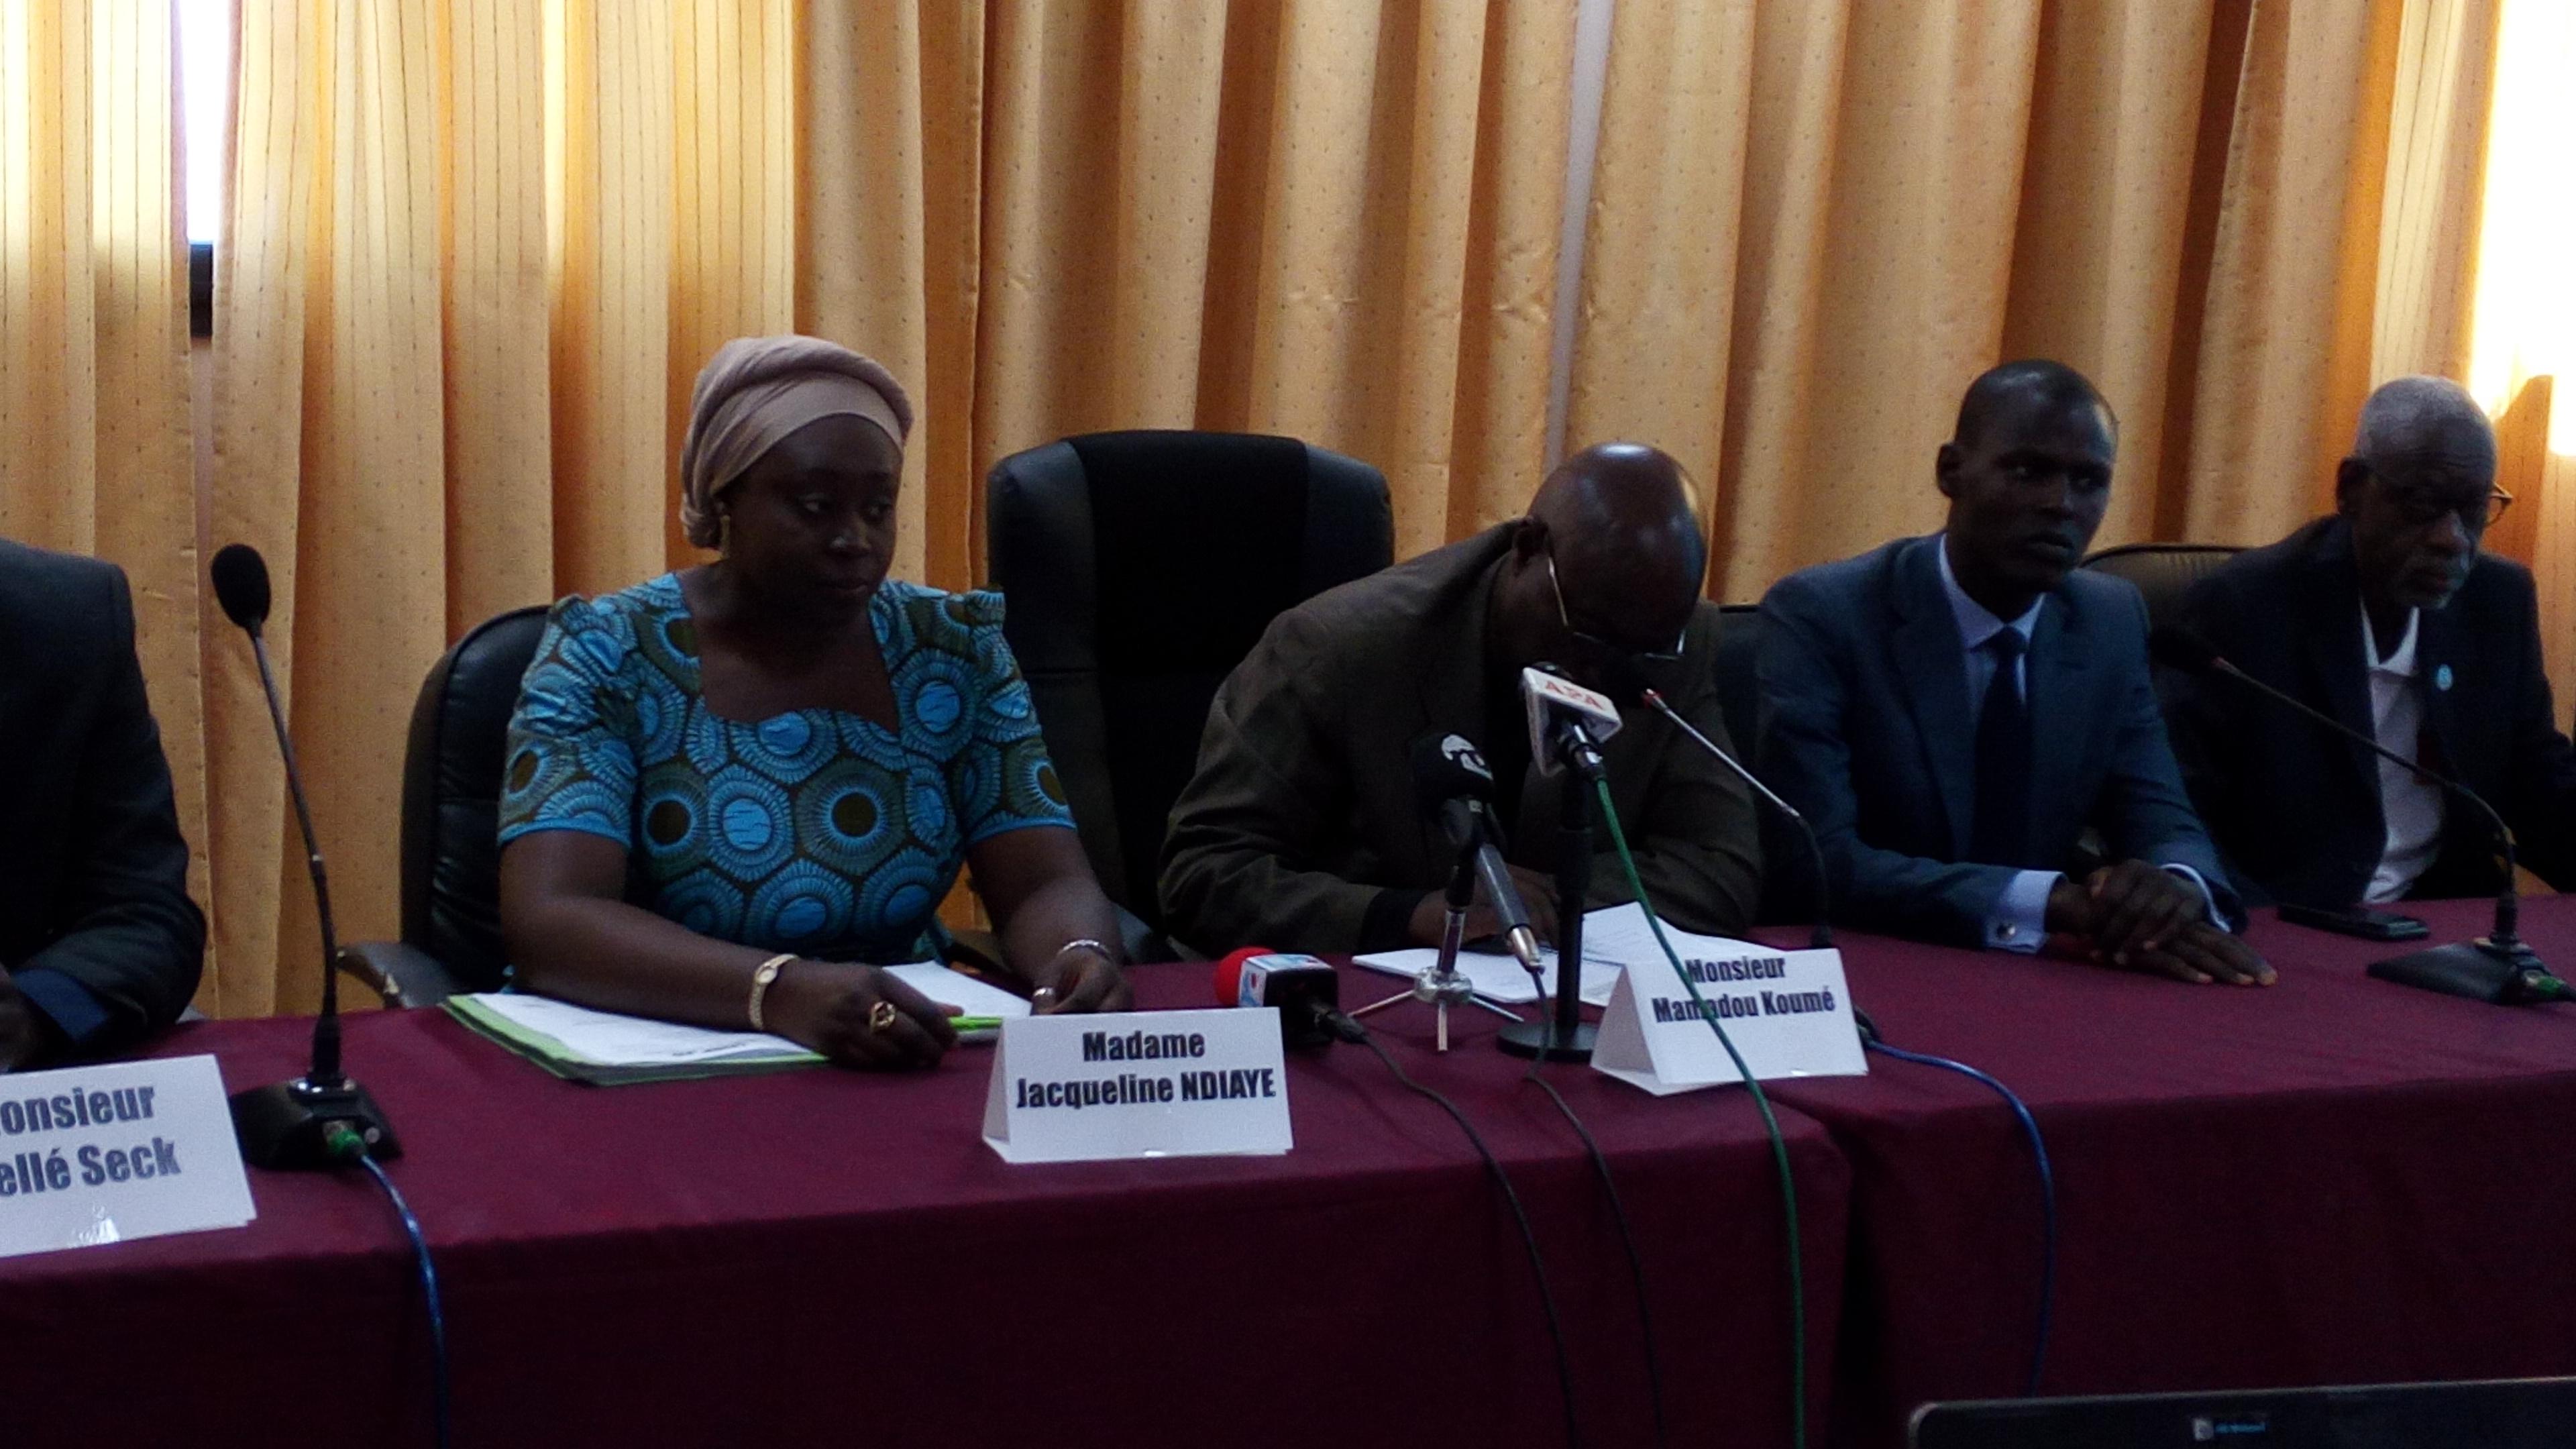 L'UNPJS appelle au respect pour les photojournalistes